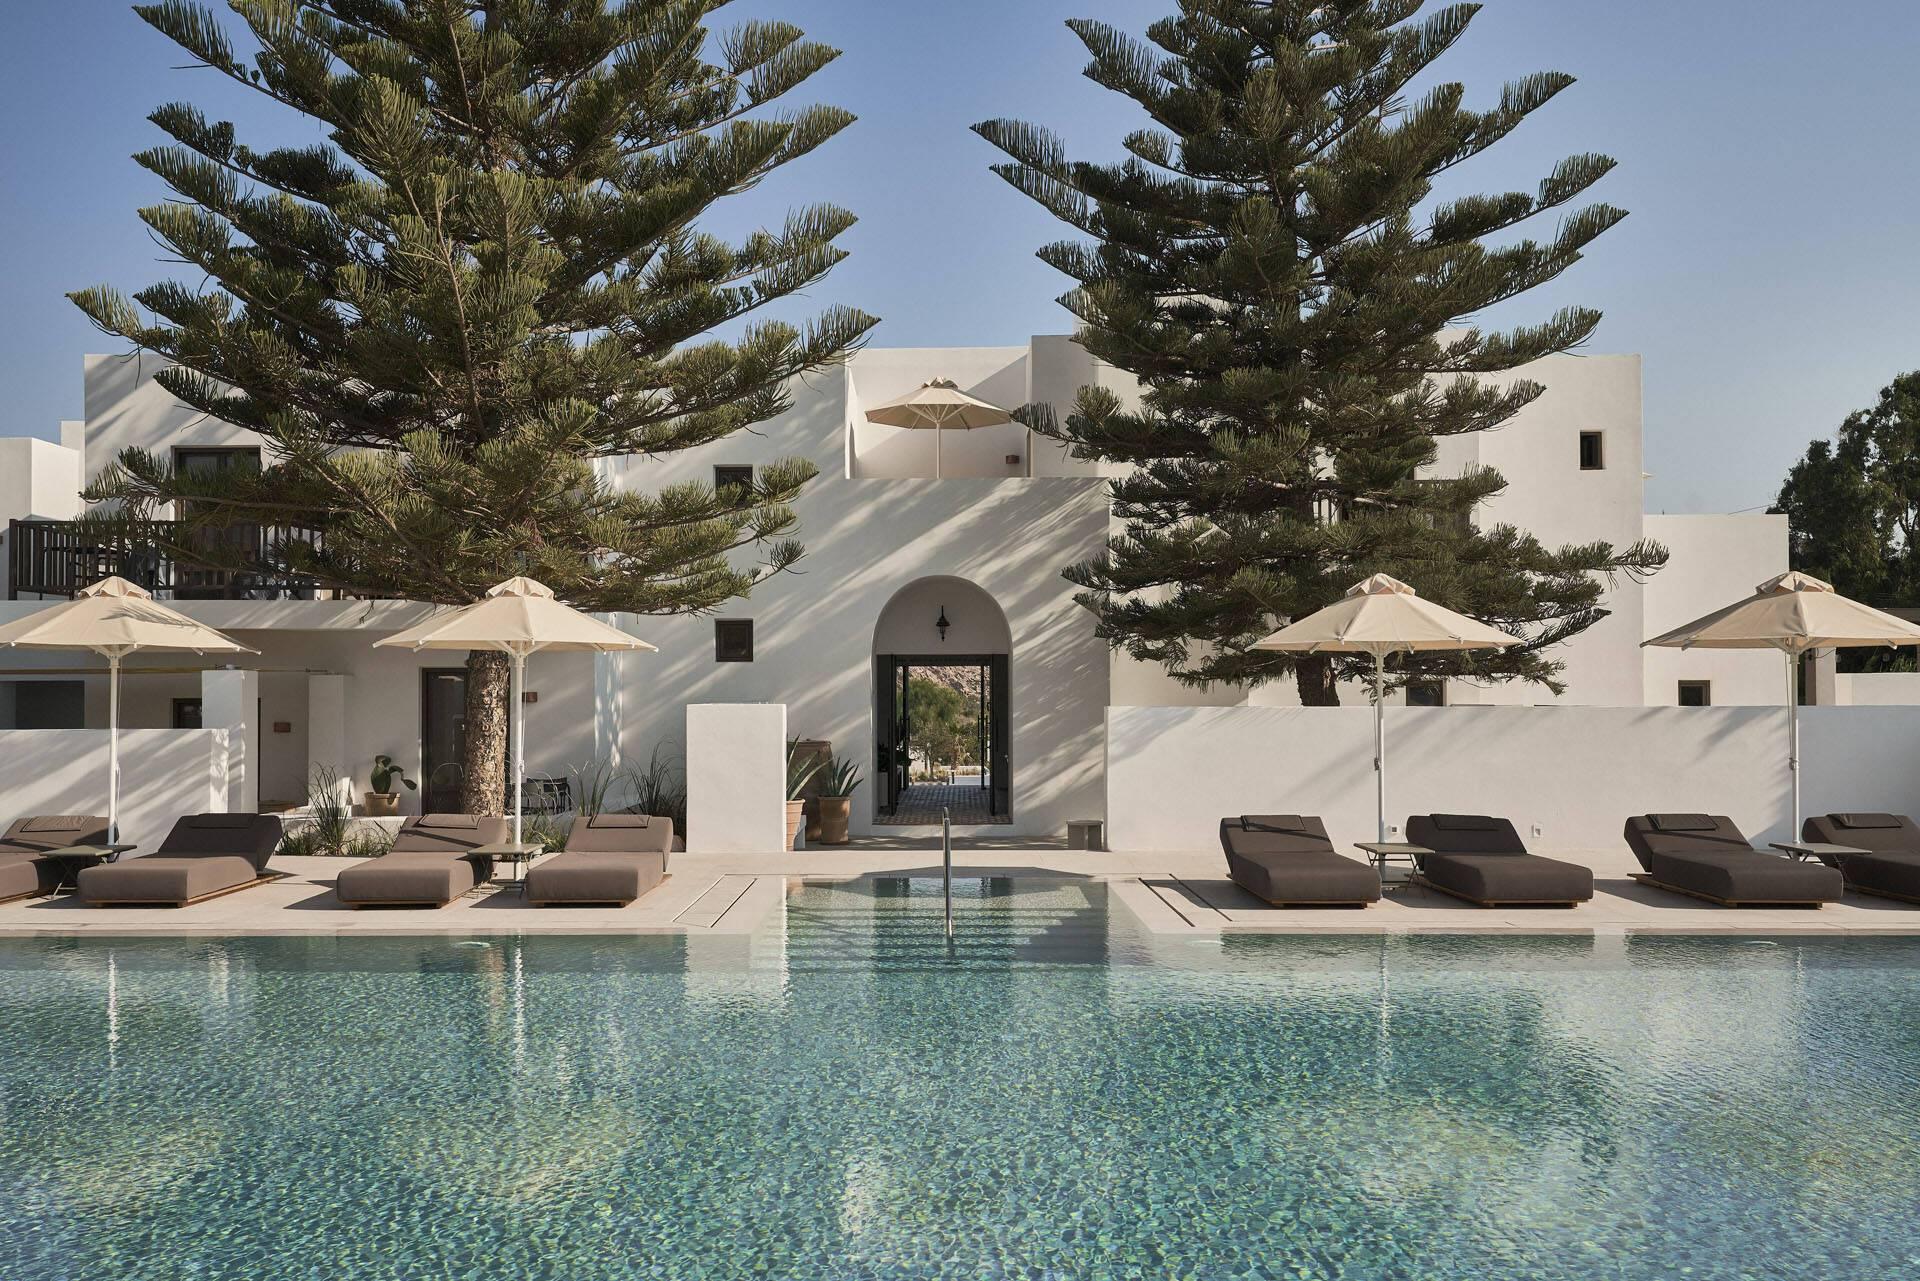 Sejour grece paros parilio piscine